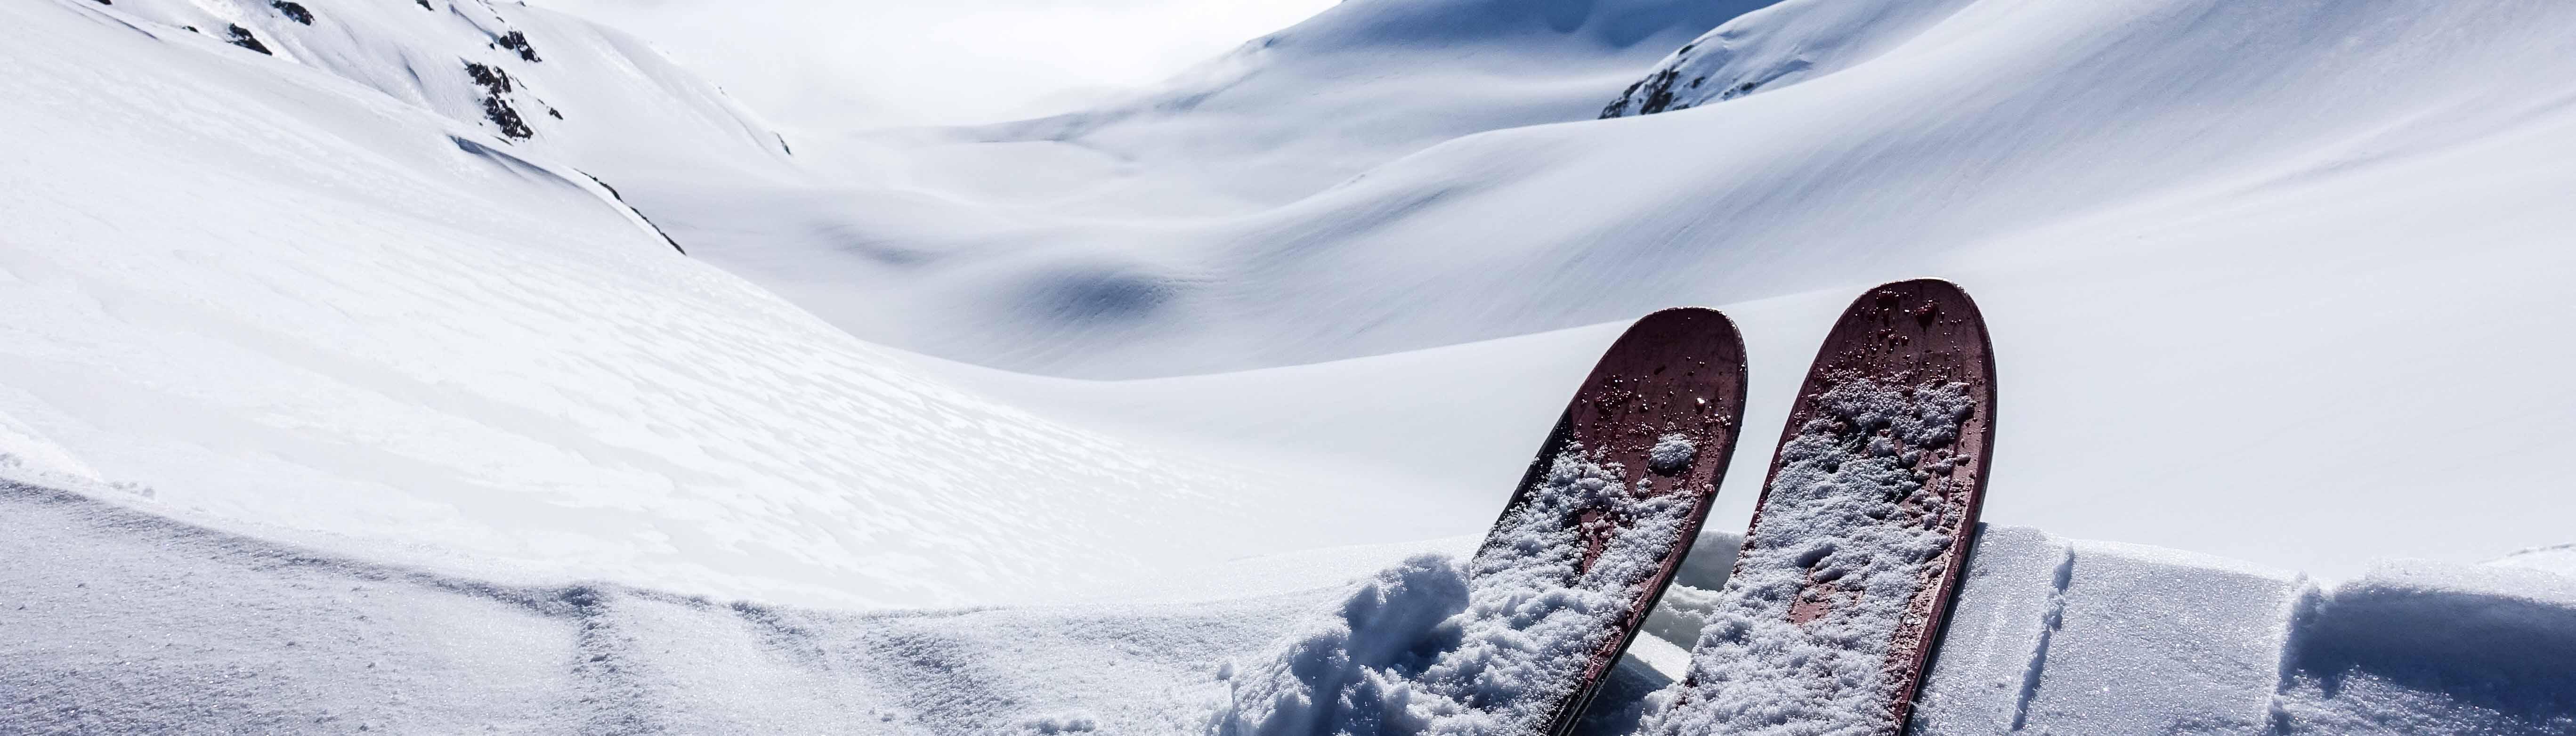 Skitourenkurse